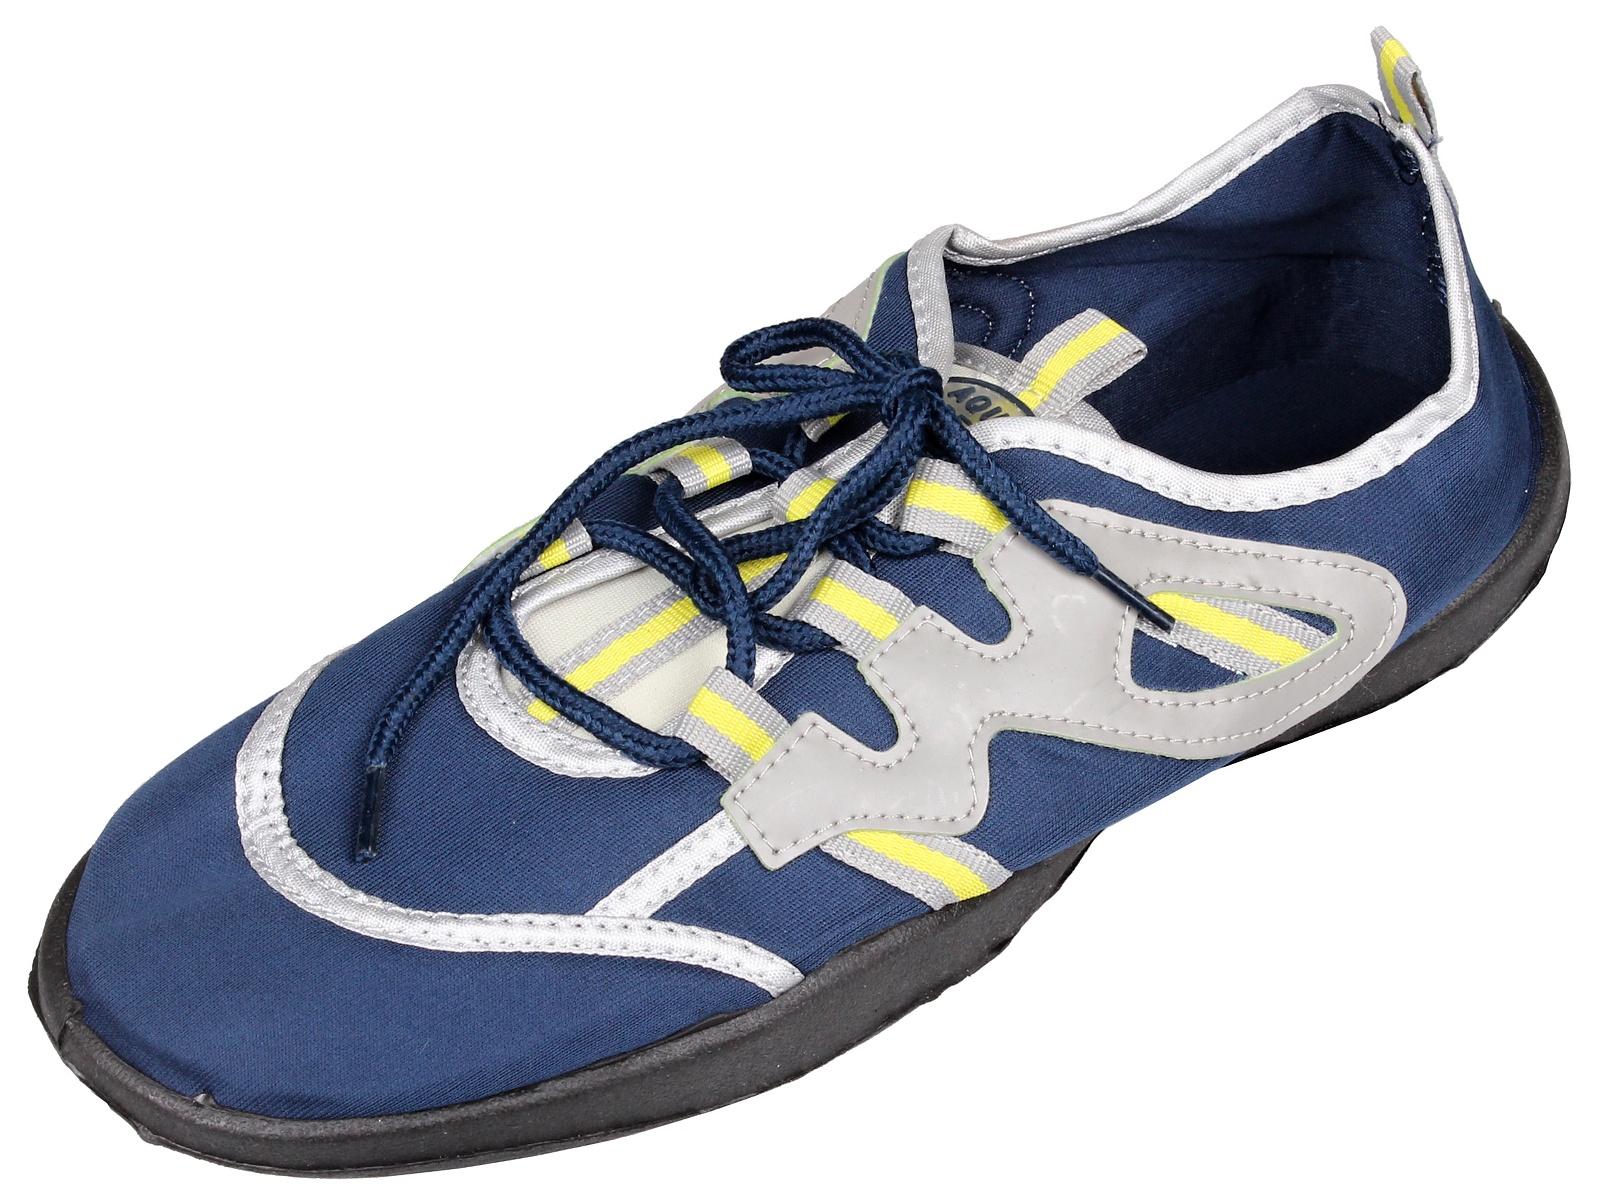 Topánky do vody AQUA-SPEED 19B - veľ. 43